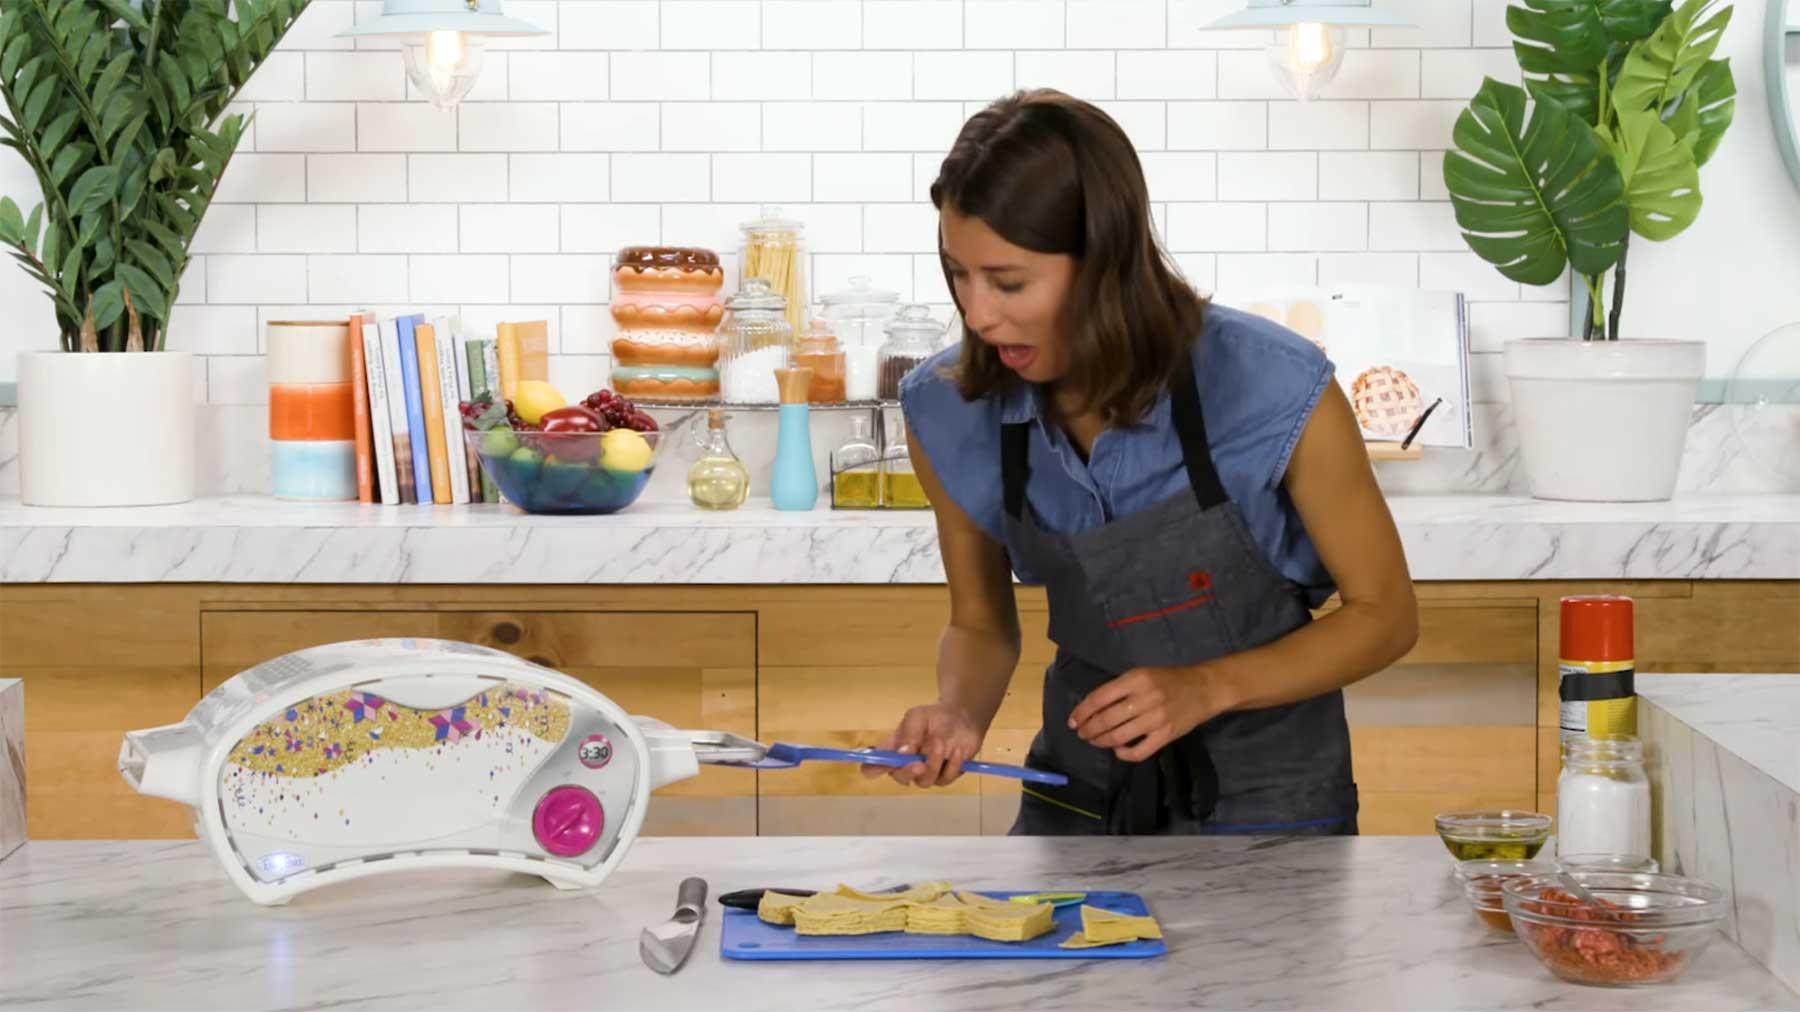 3-Gänge-Menü mit einem Spielzeug-Ofen kochen kochen-mit-spielzeugofen